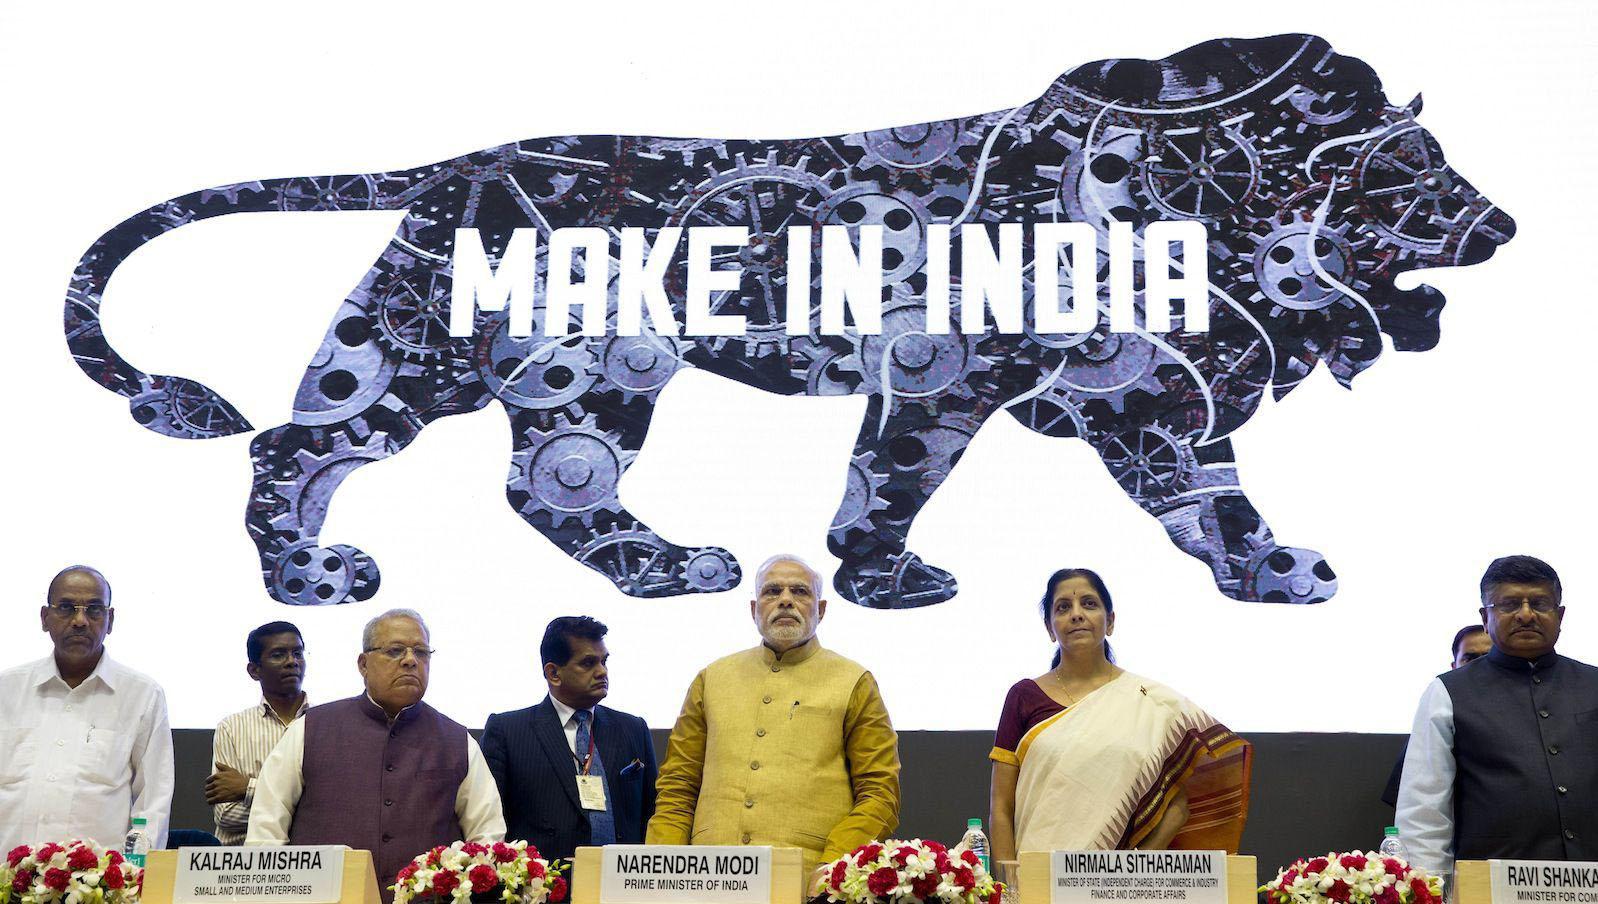 'മെയ്ക് ഇന് ഇന്ത്യ': ചുവപ്പുനാടയില് കുരുങ്ങി  3.5 ലക്ഷം കോടിയുടെ പദ്ധതികള്